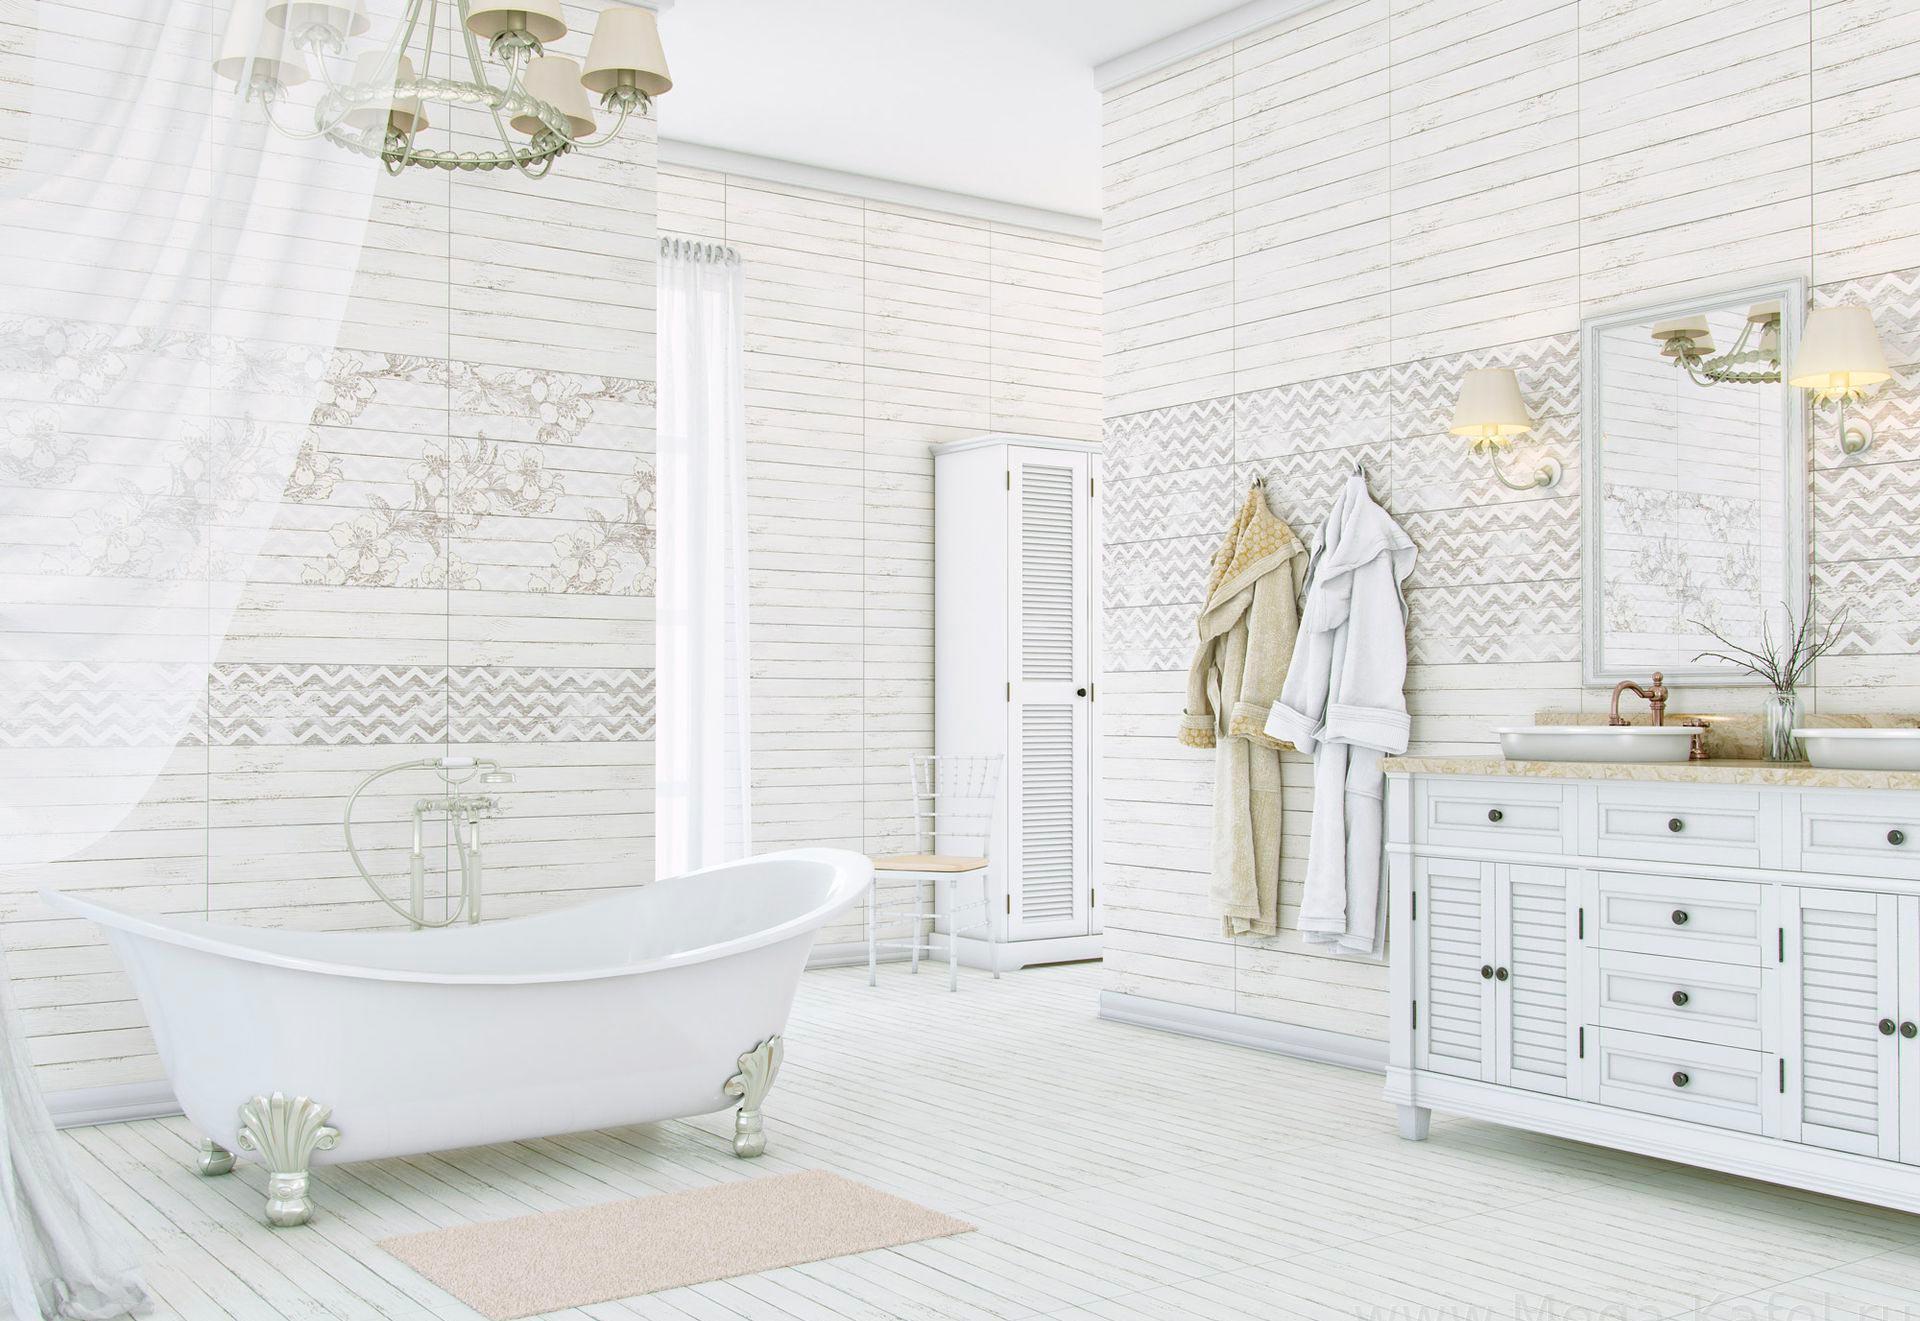 Плитка шебби шик в интерьере ванной